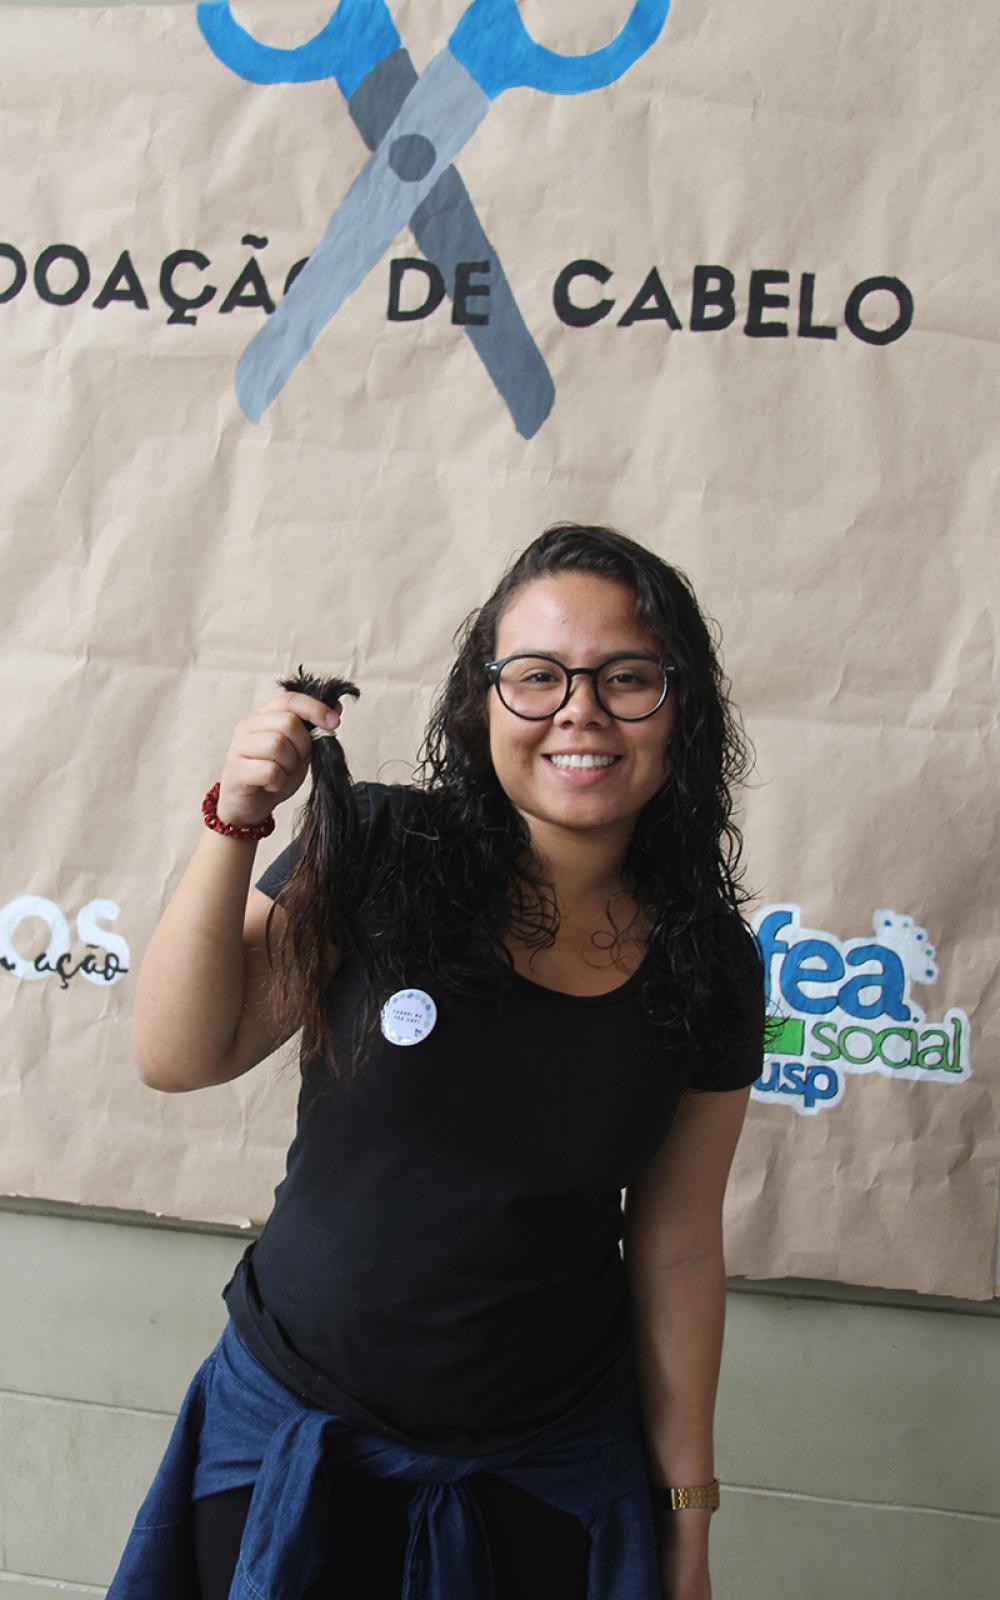 Trote solidario - FEA Social